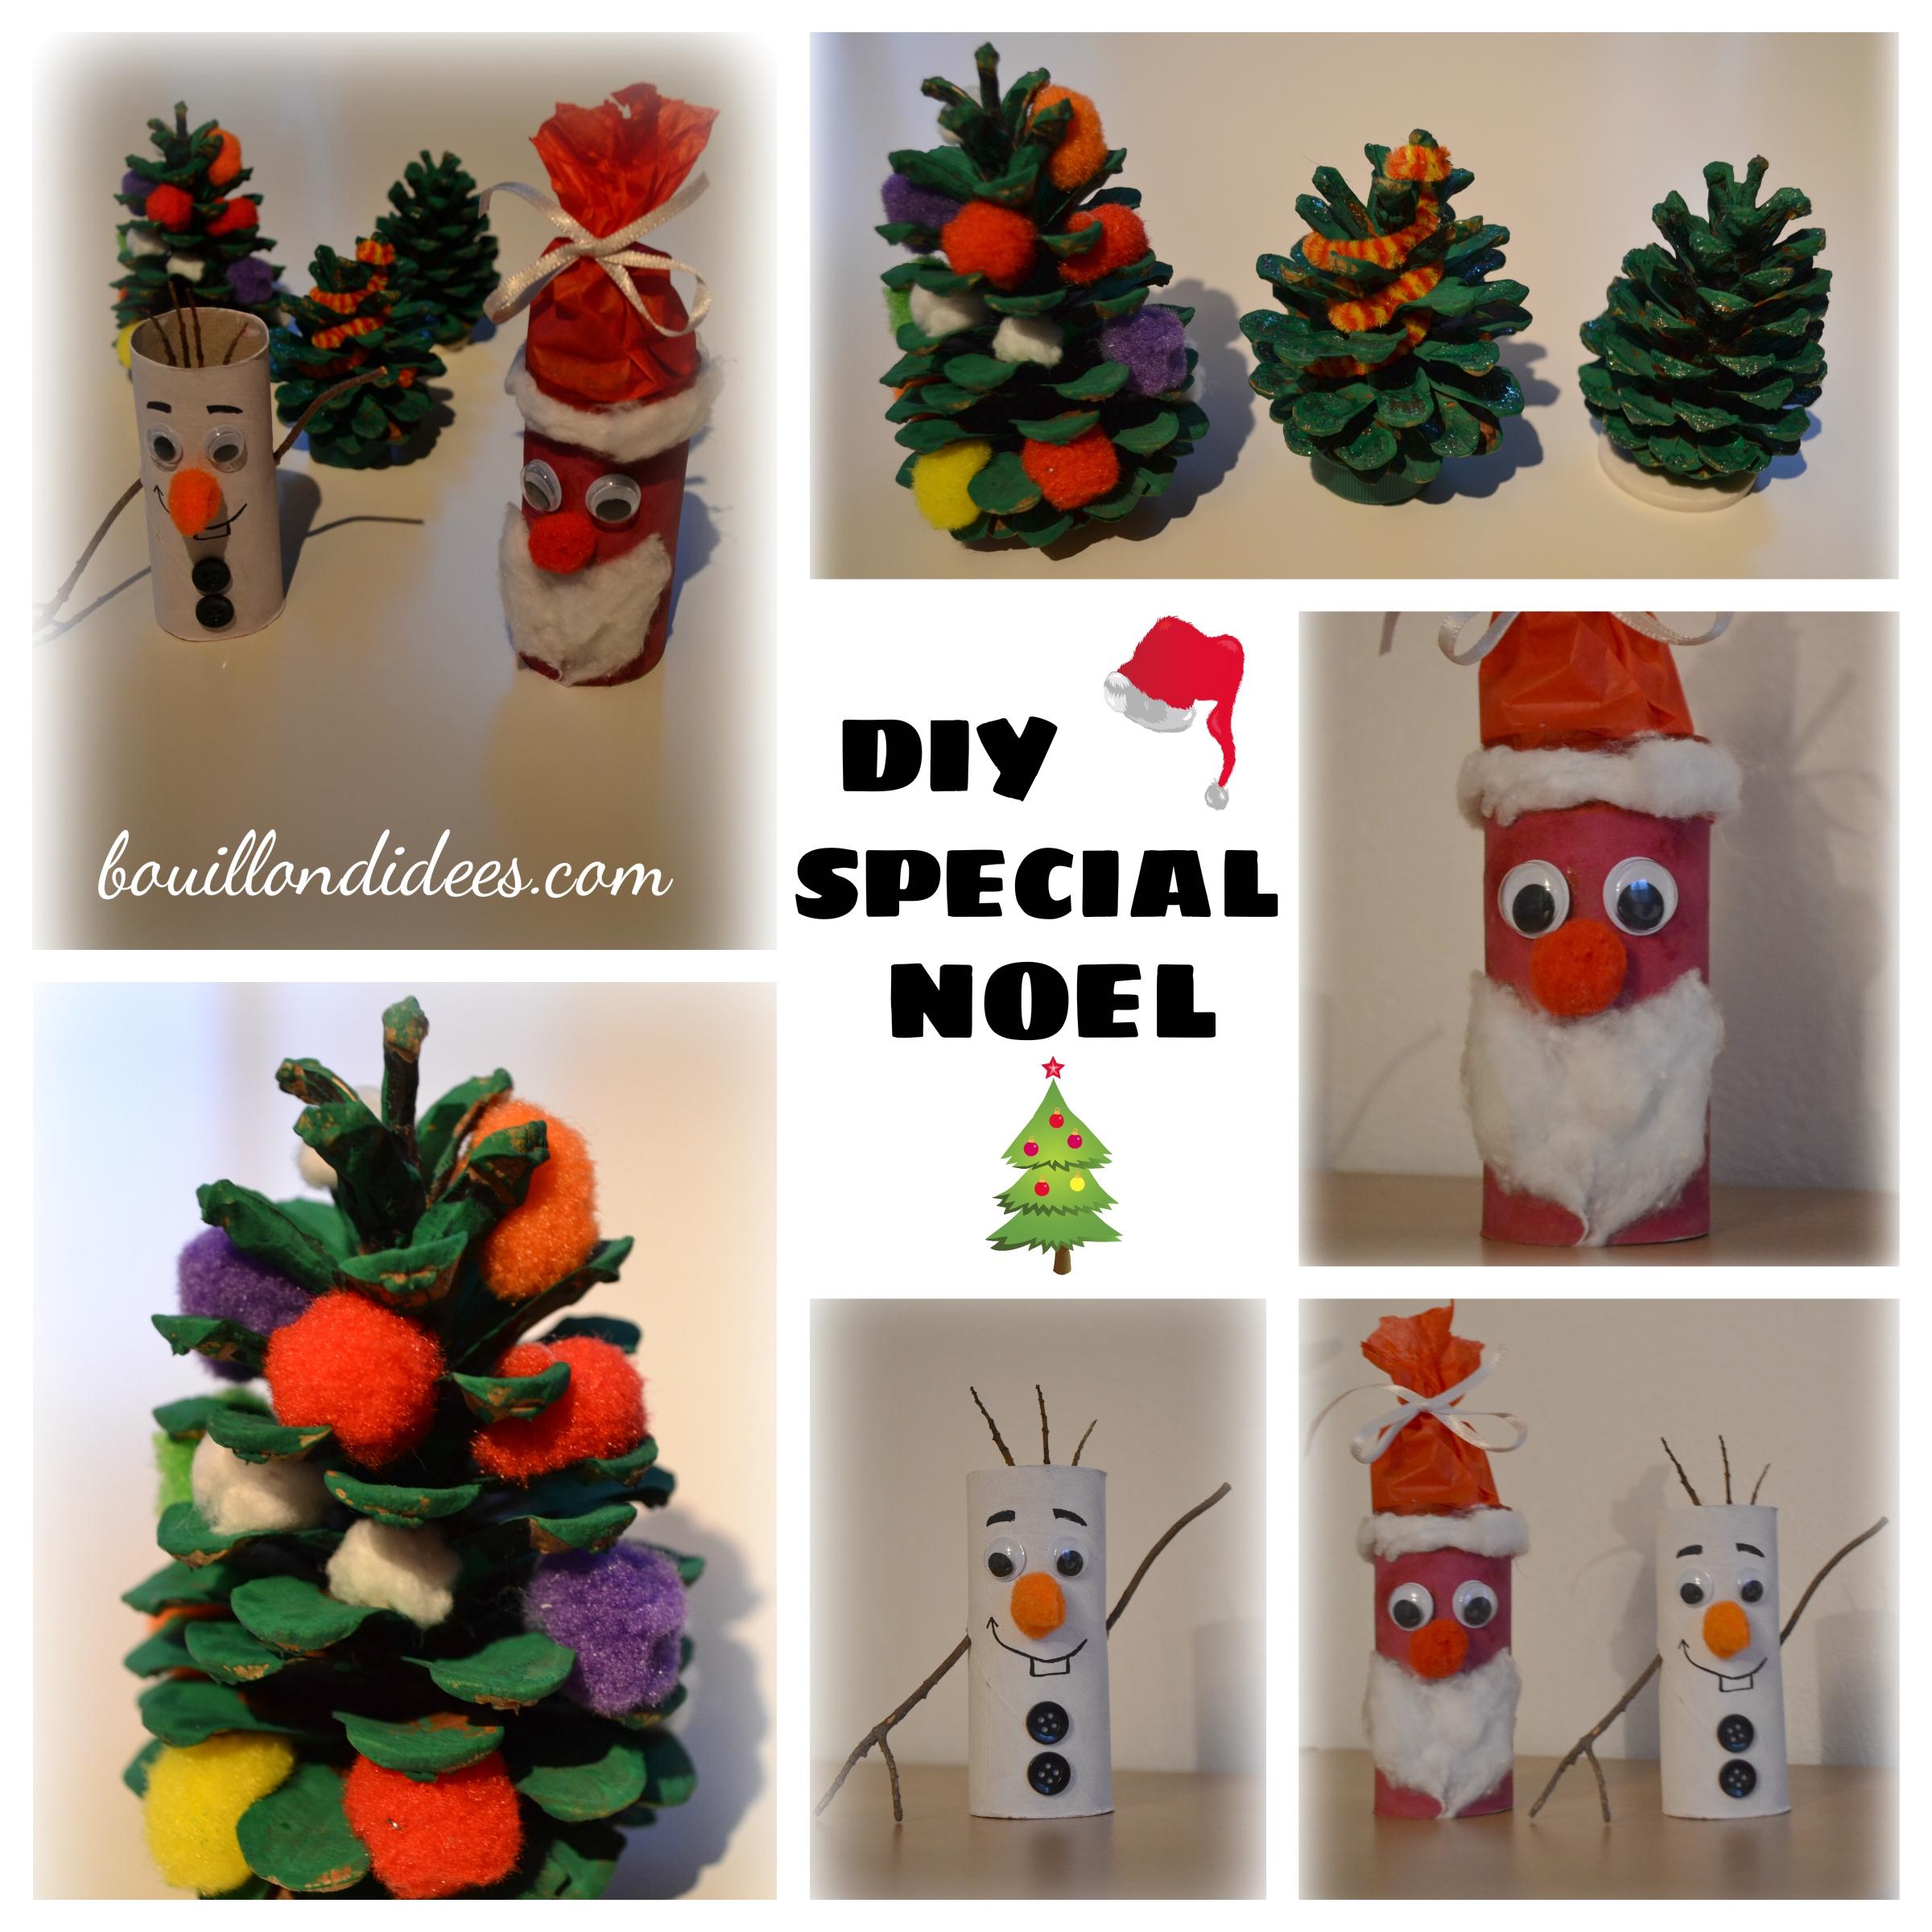 Diy Spécial Noël (Sapin, Père Noël & Olaf Le Bonhomme De Neige) avec Activité Manuelle Noel 3 Ans